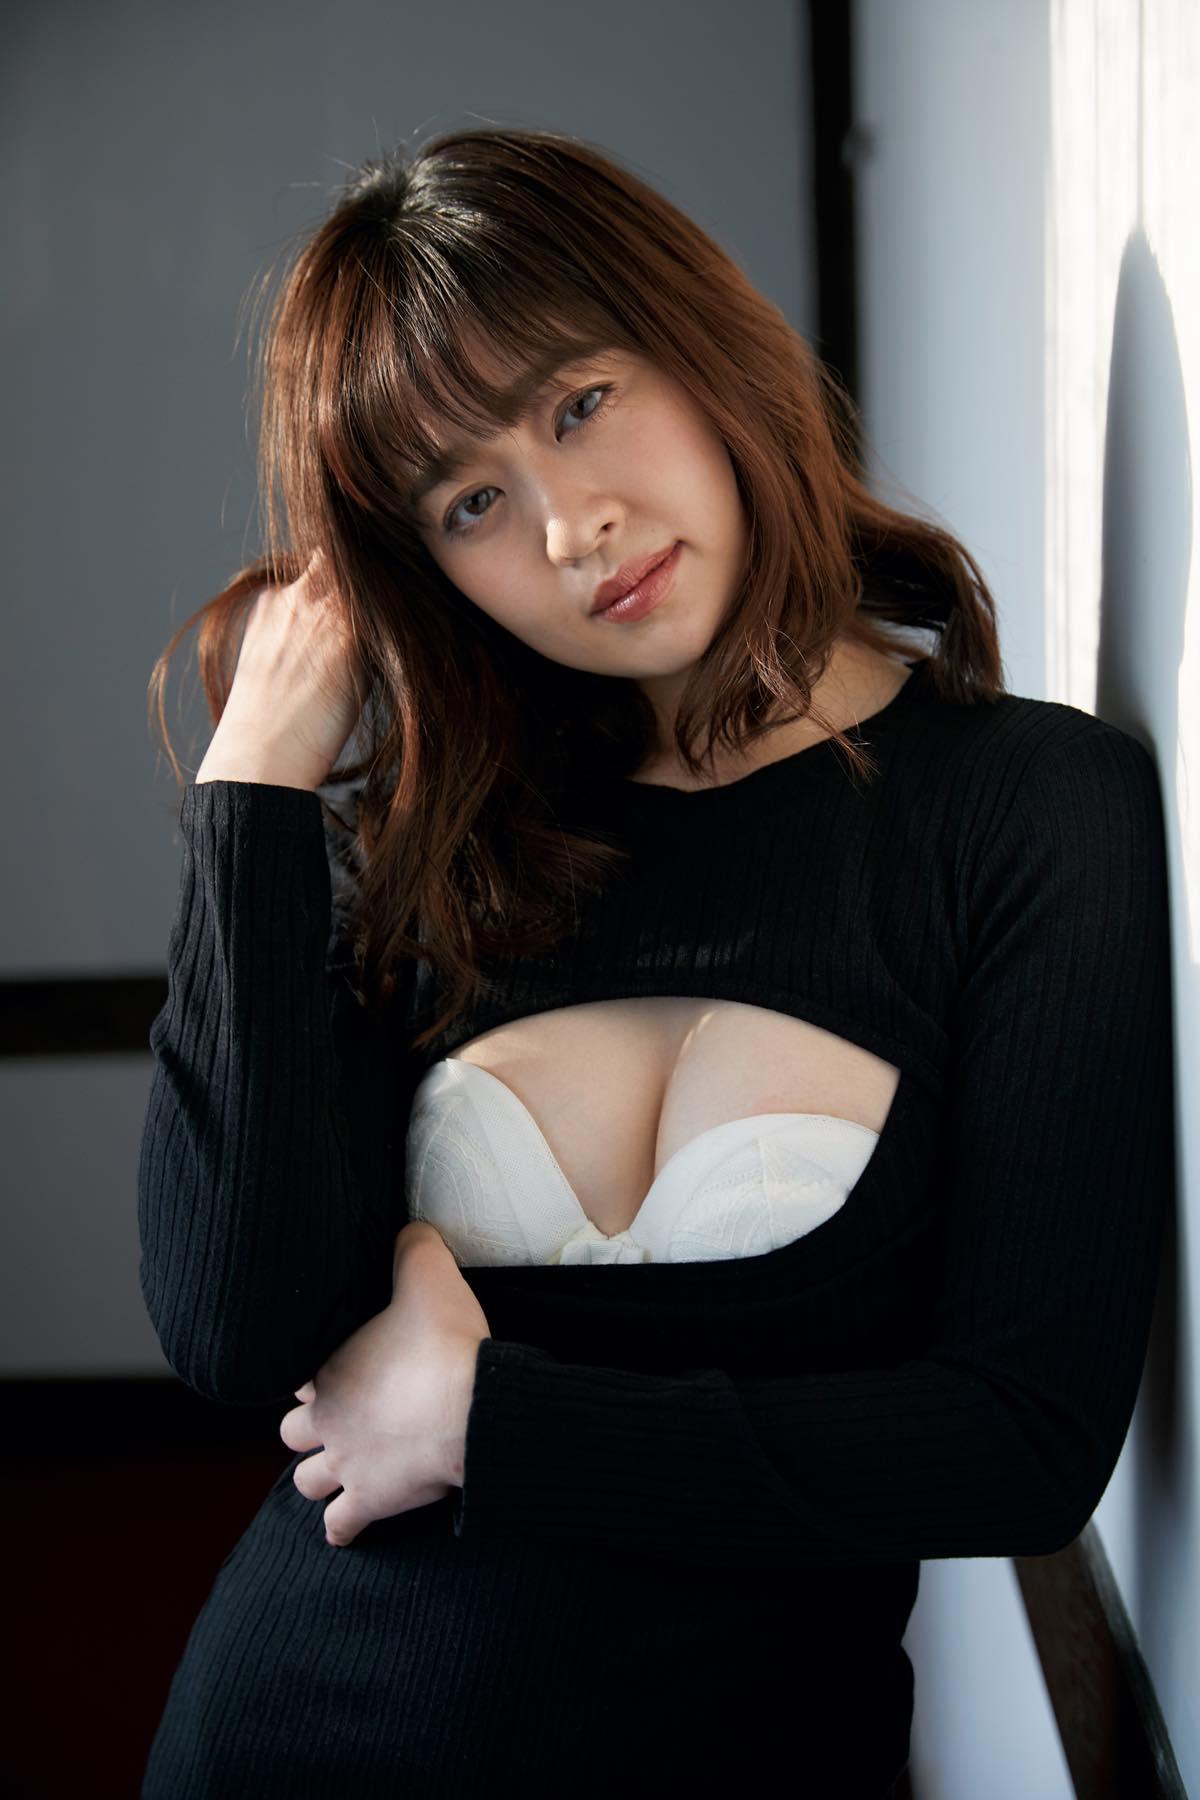 池田裕子「白桃のような美ヒップ」艶っぽい大人の魅力に撃沈!【画像12枚】の画像010